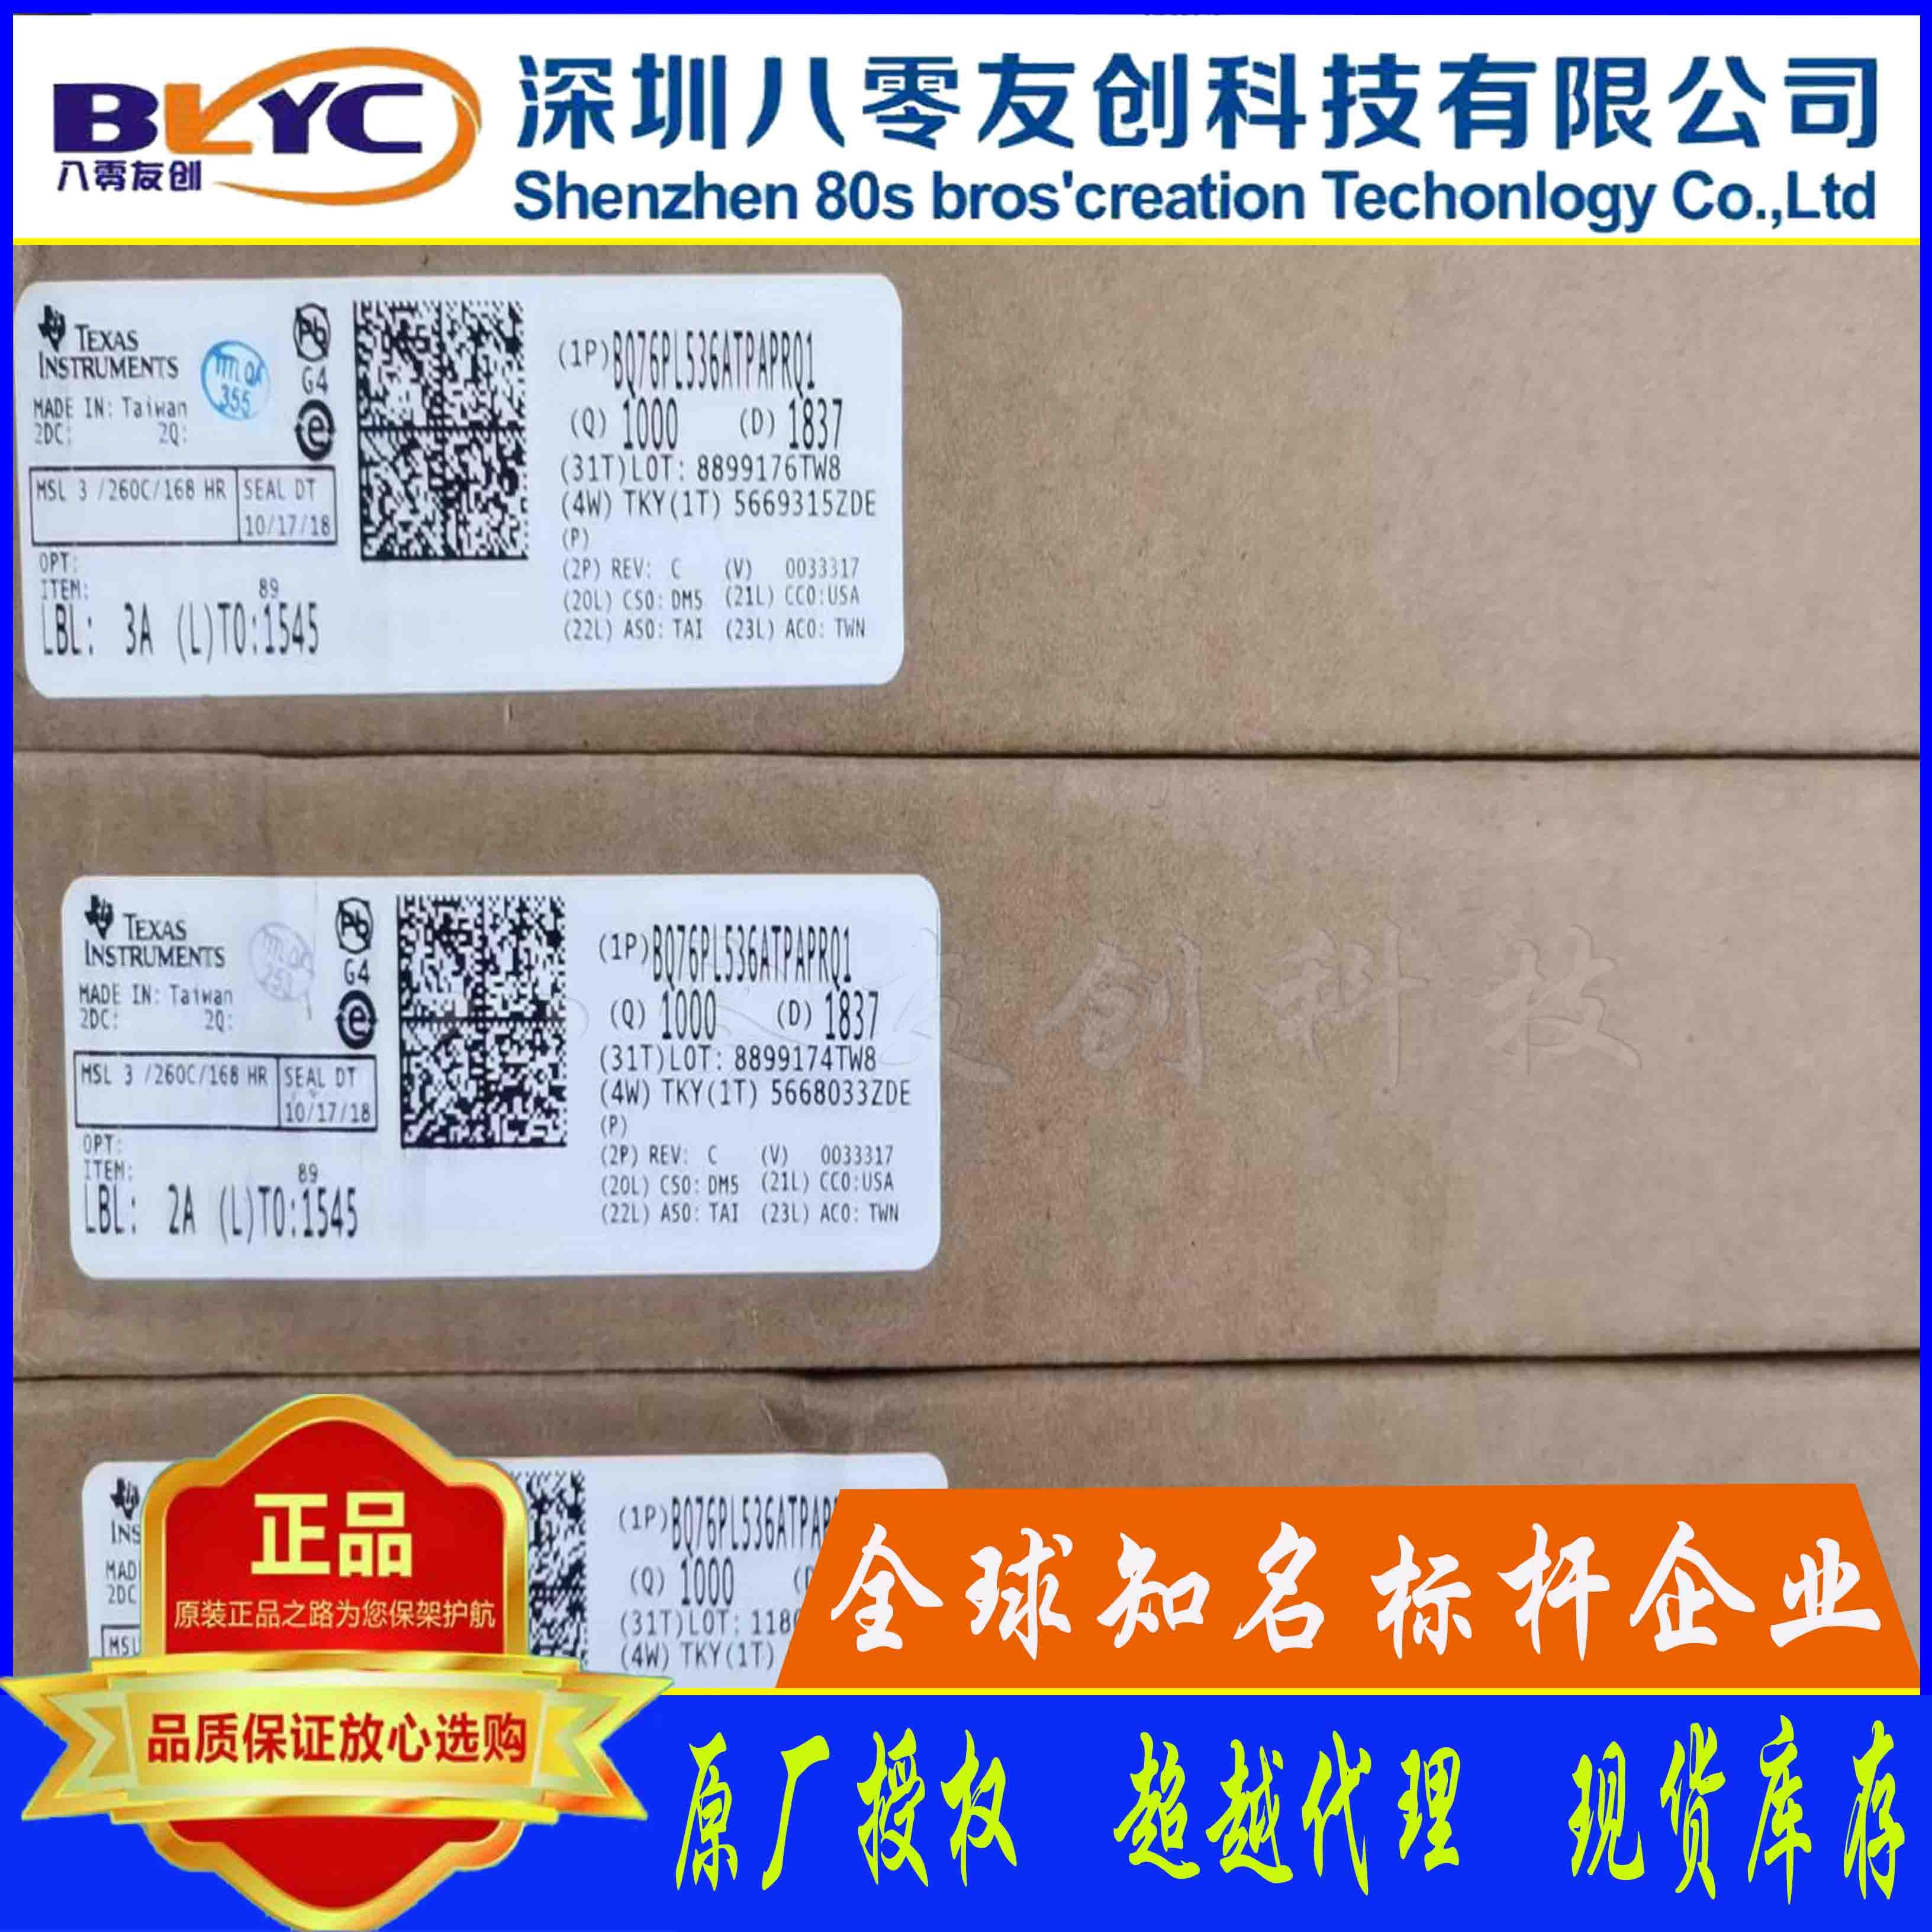 BQ76PL536ATPAPRQ1